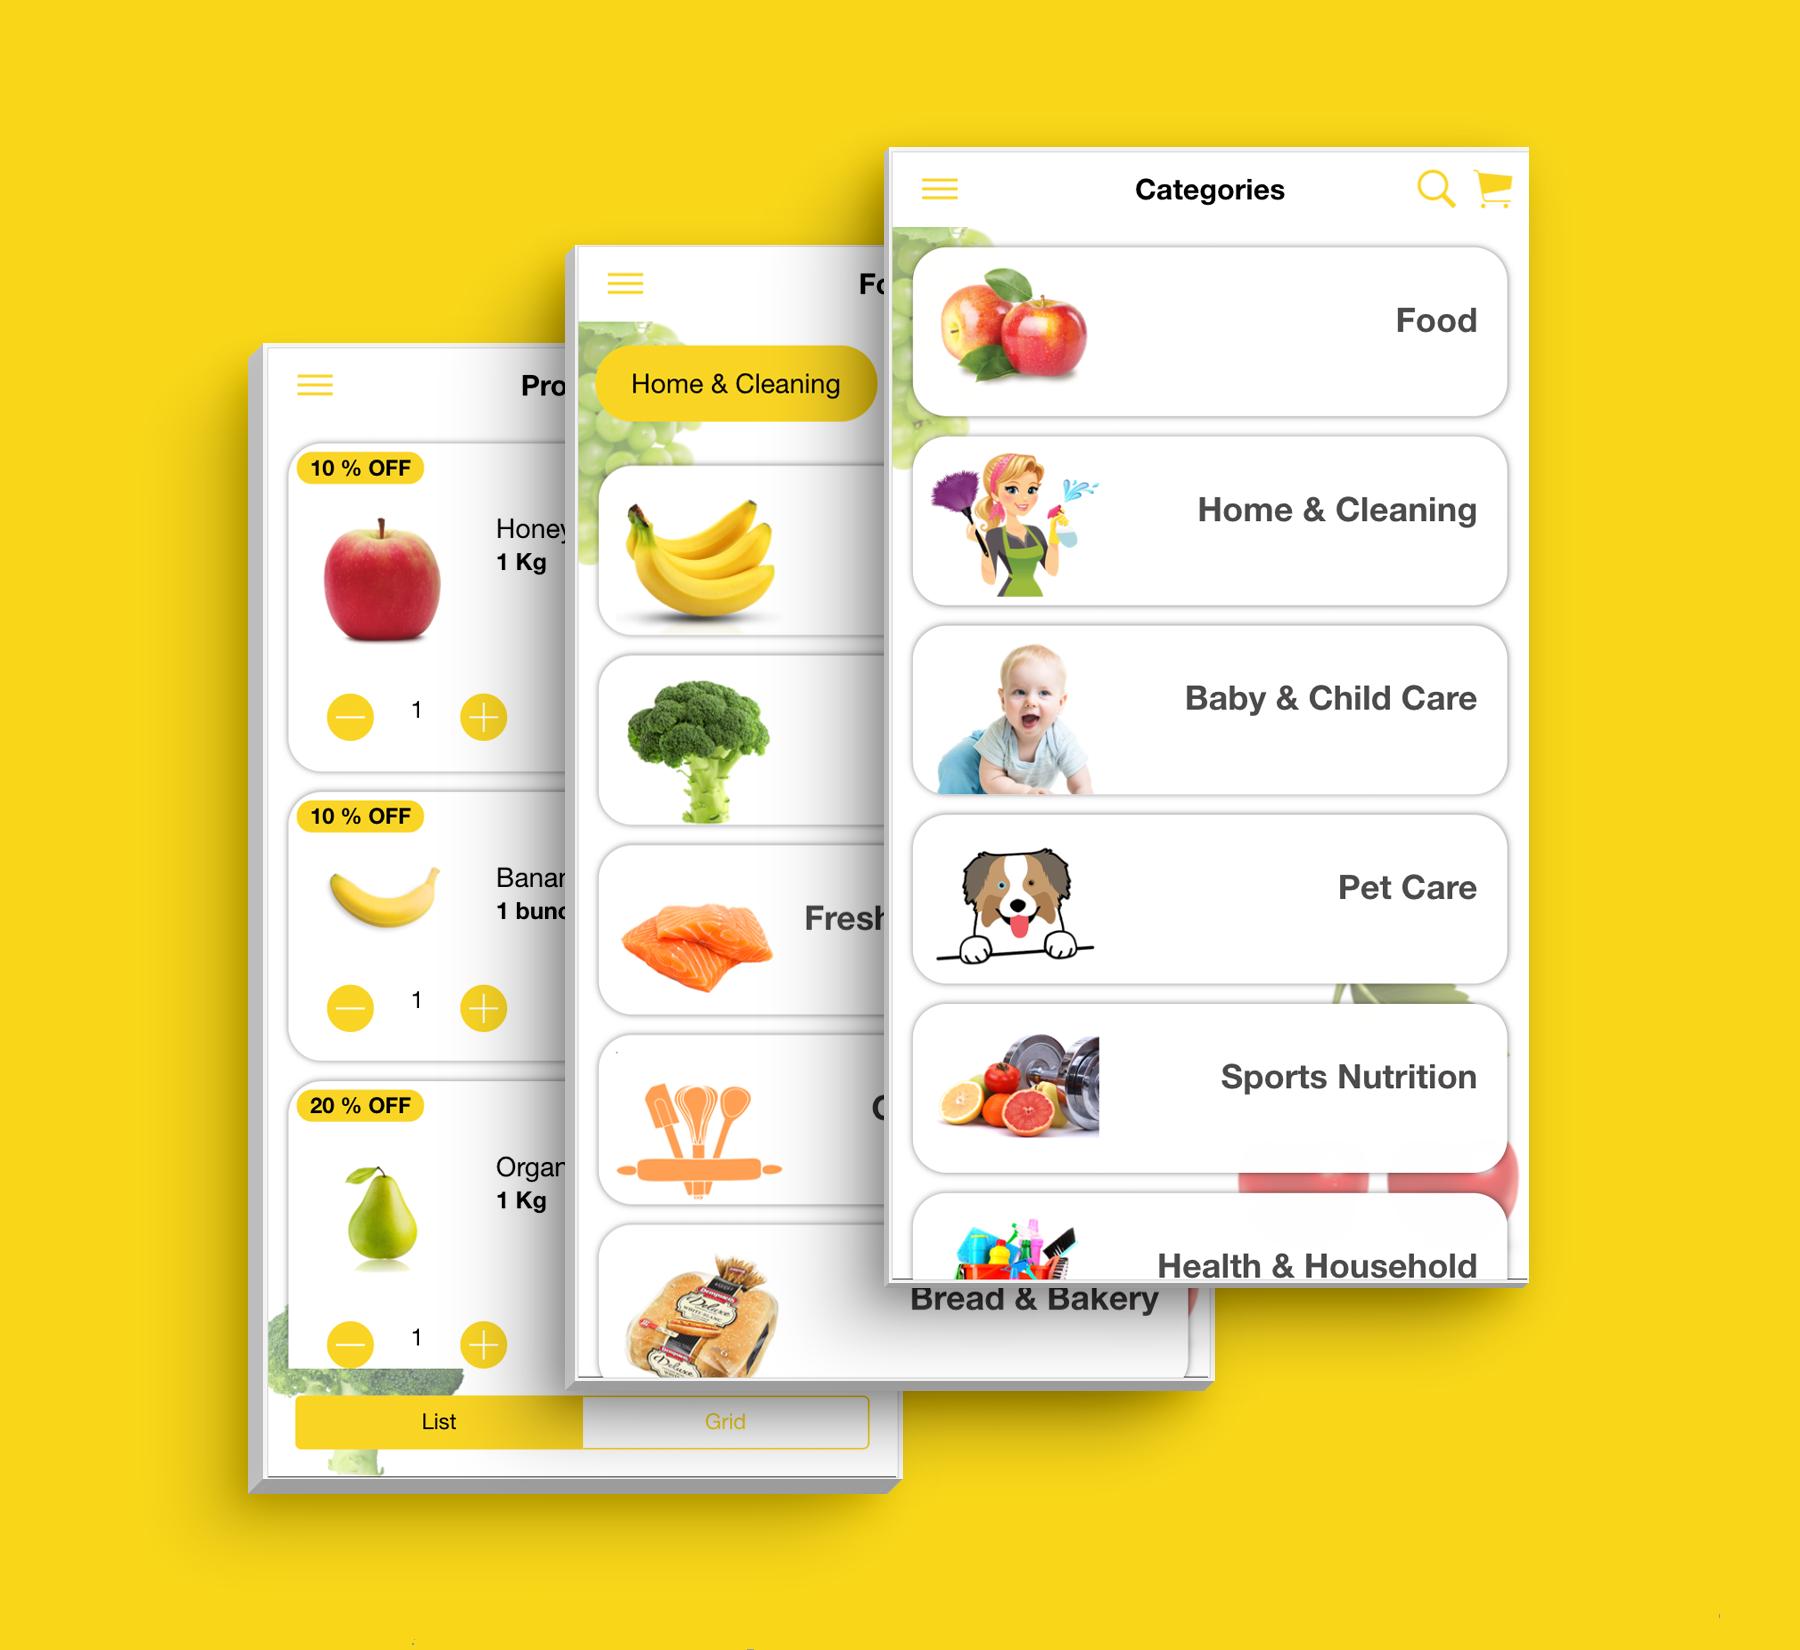 Aplicativo de supermercado de interface do usuário de modelo de comércio eletrônico multifuncional completo compatível com vários idiomas i18n - 5